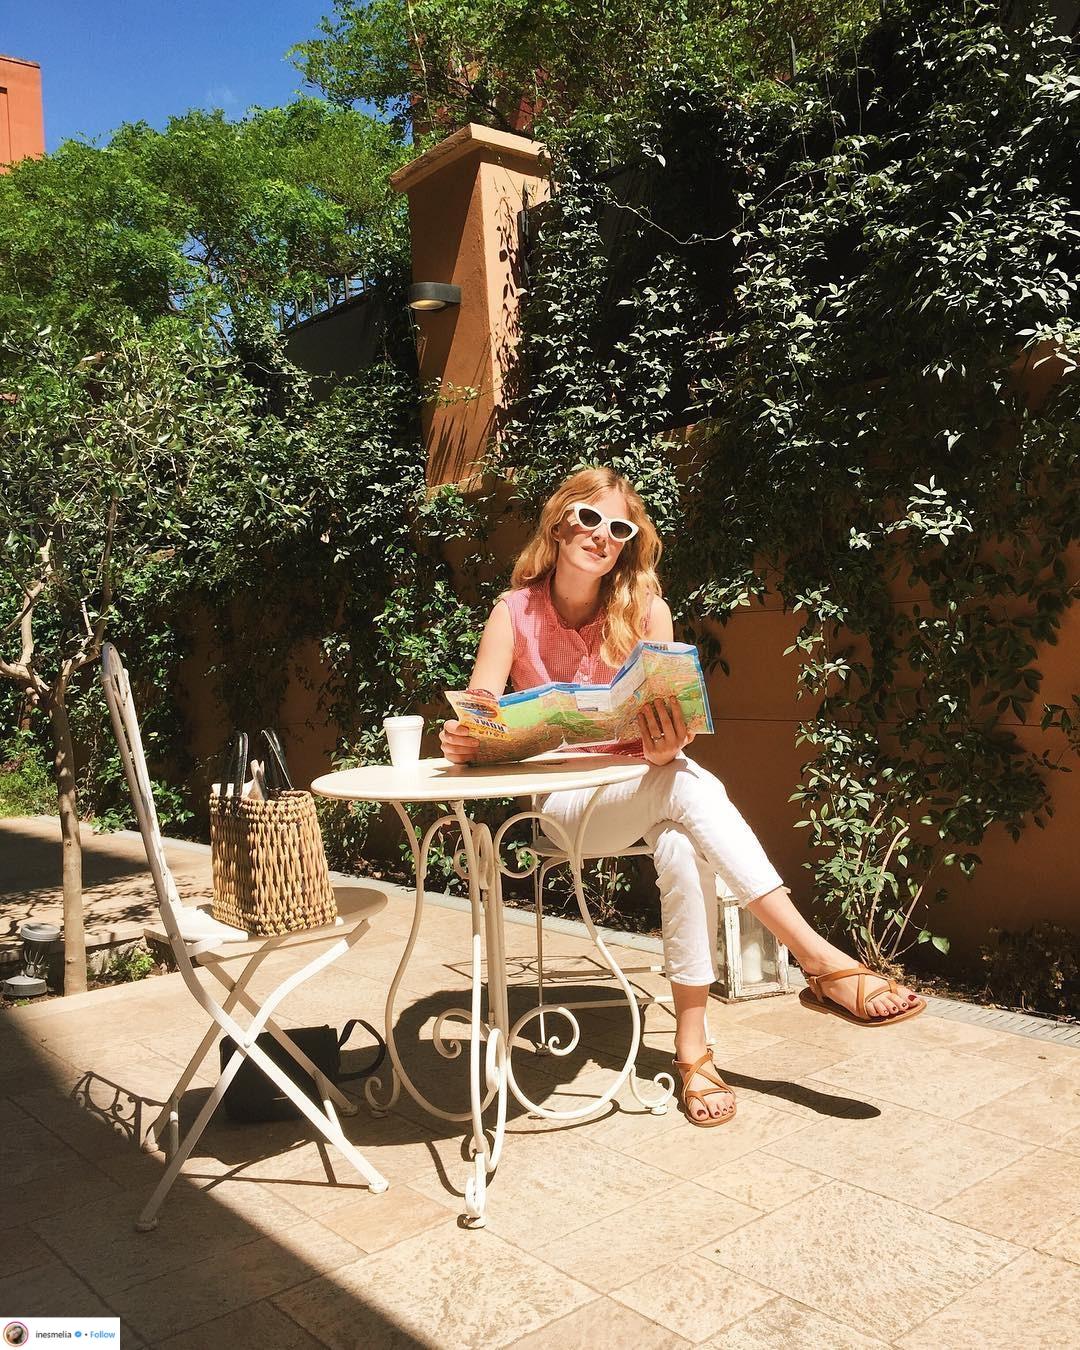 phong cách thời trang Pháp quần jeans trắng và kính mát bản to